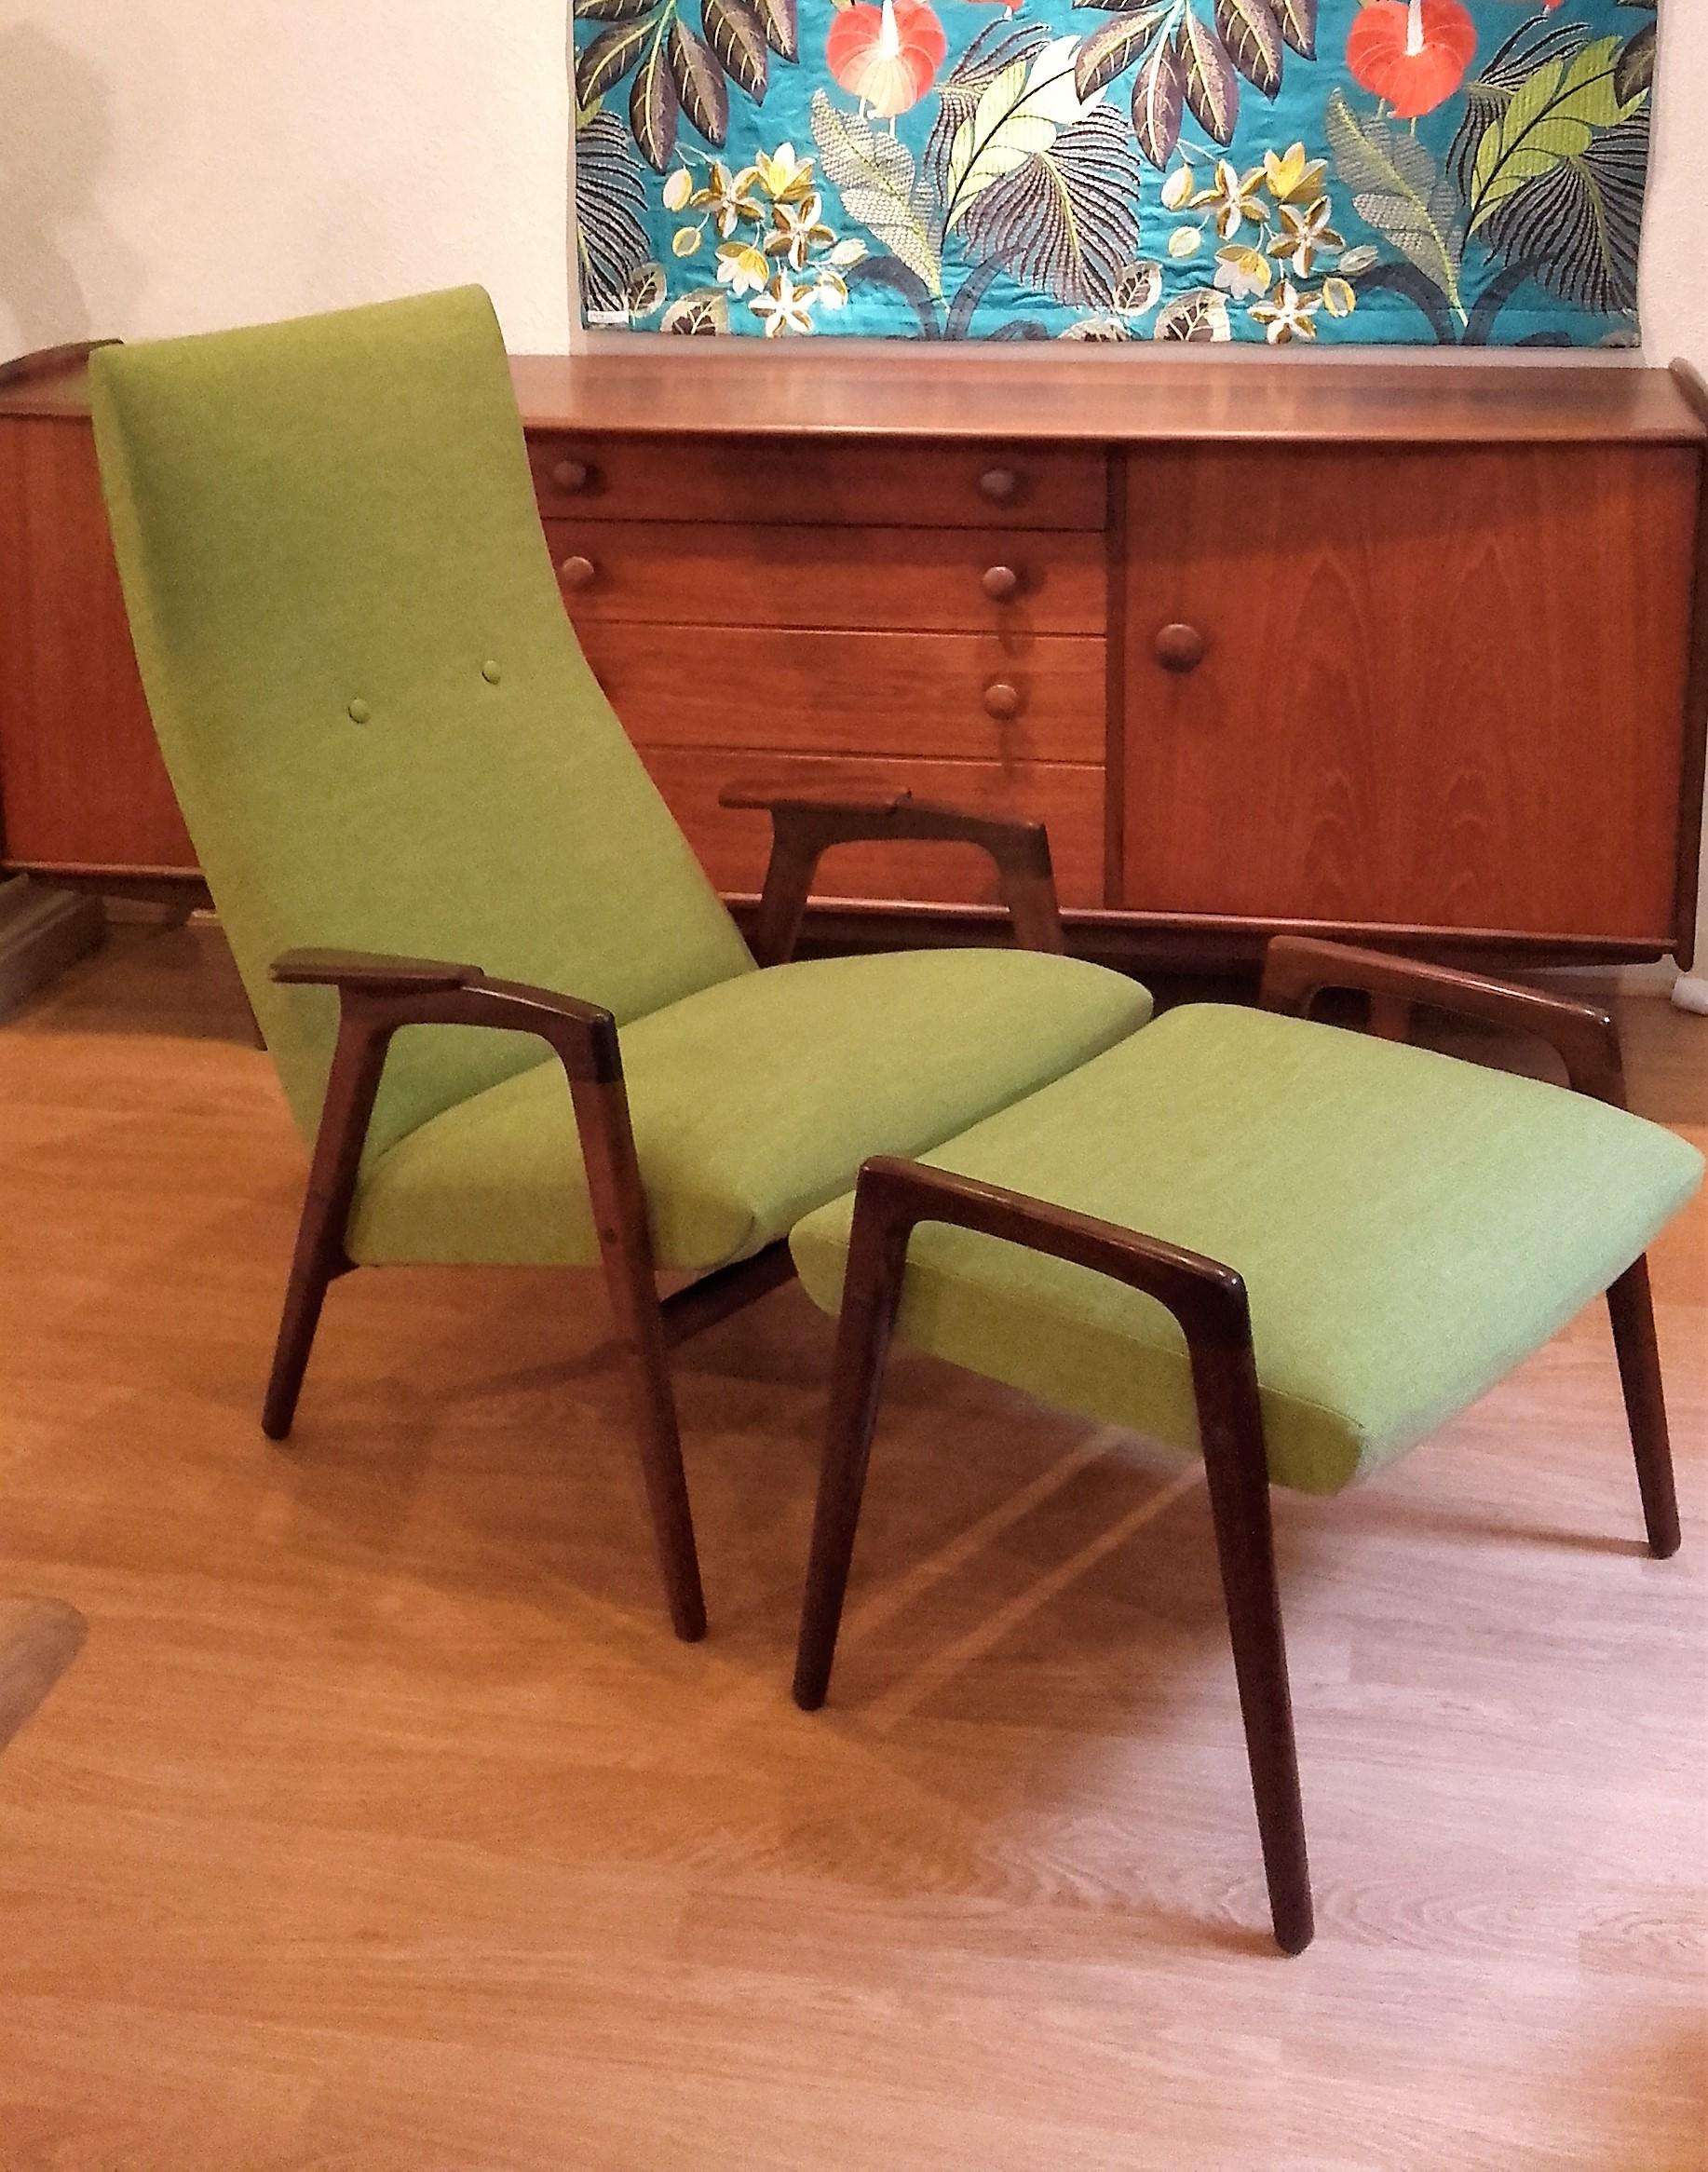 tapissier d corateur emmanuelle gougis atelier tapissier d corateur chartres. Black Bedroom Furniture Sets. Home Design Ideas